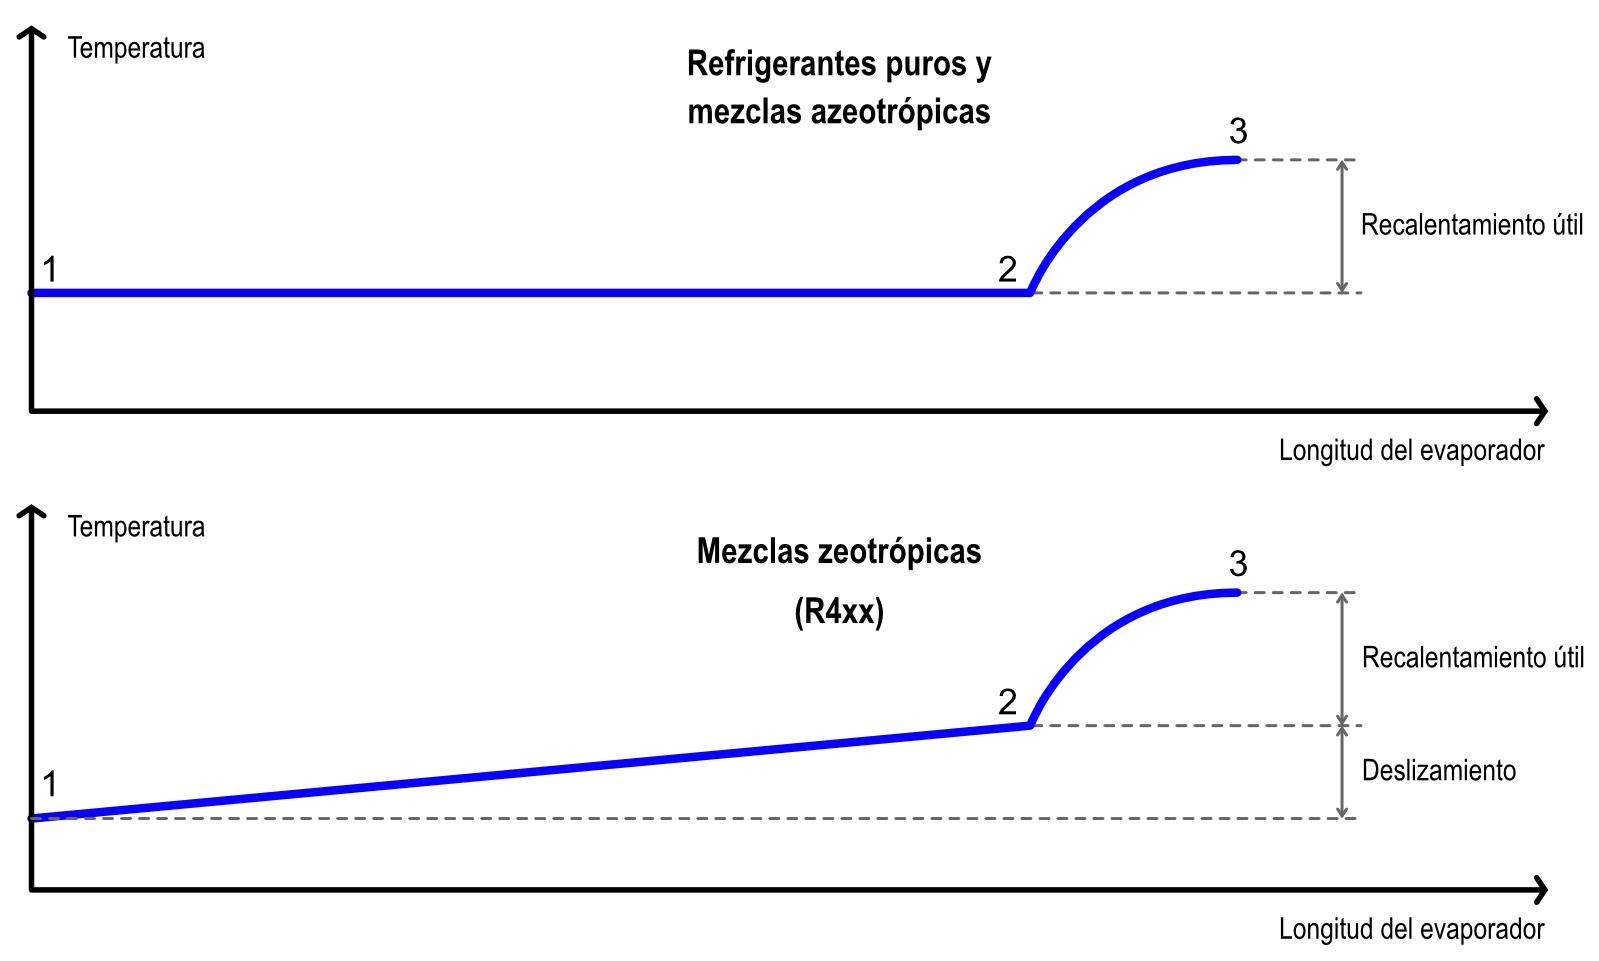 Transformaciones del refrigerante en el evaporador.